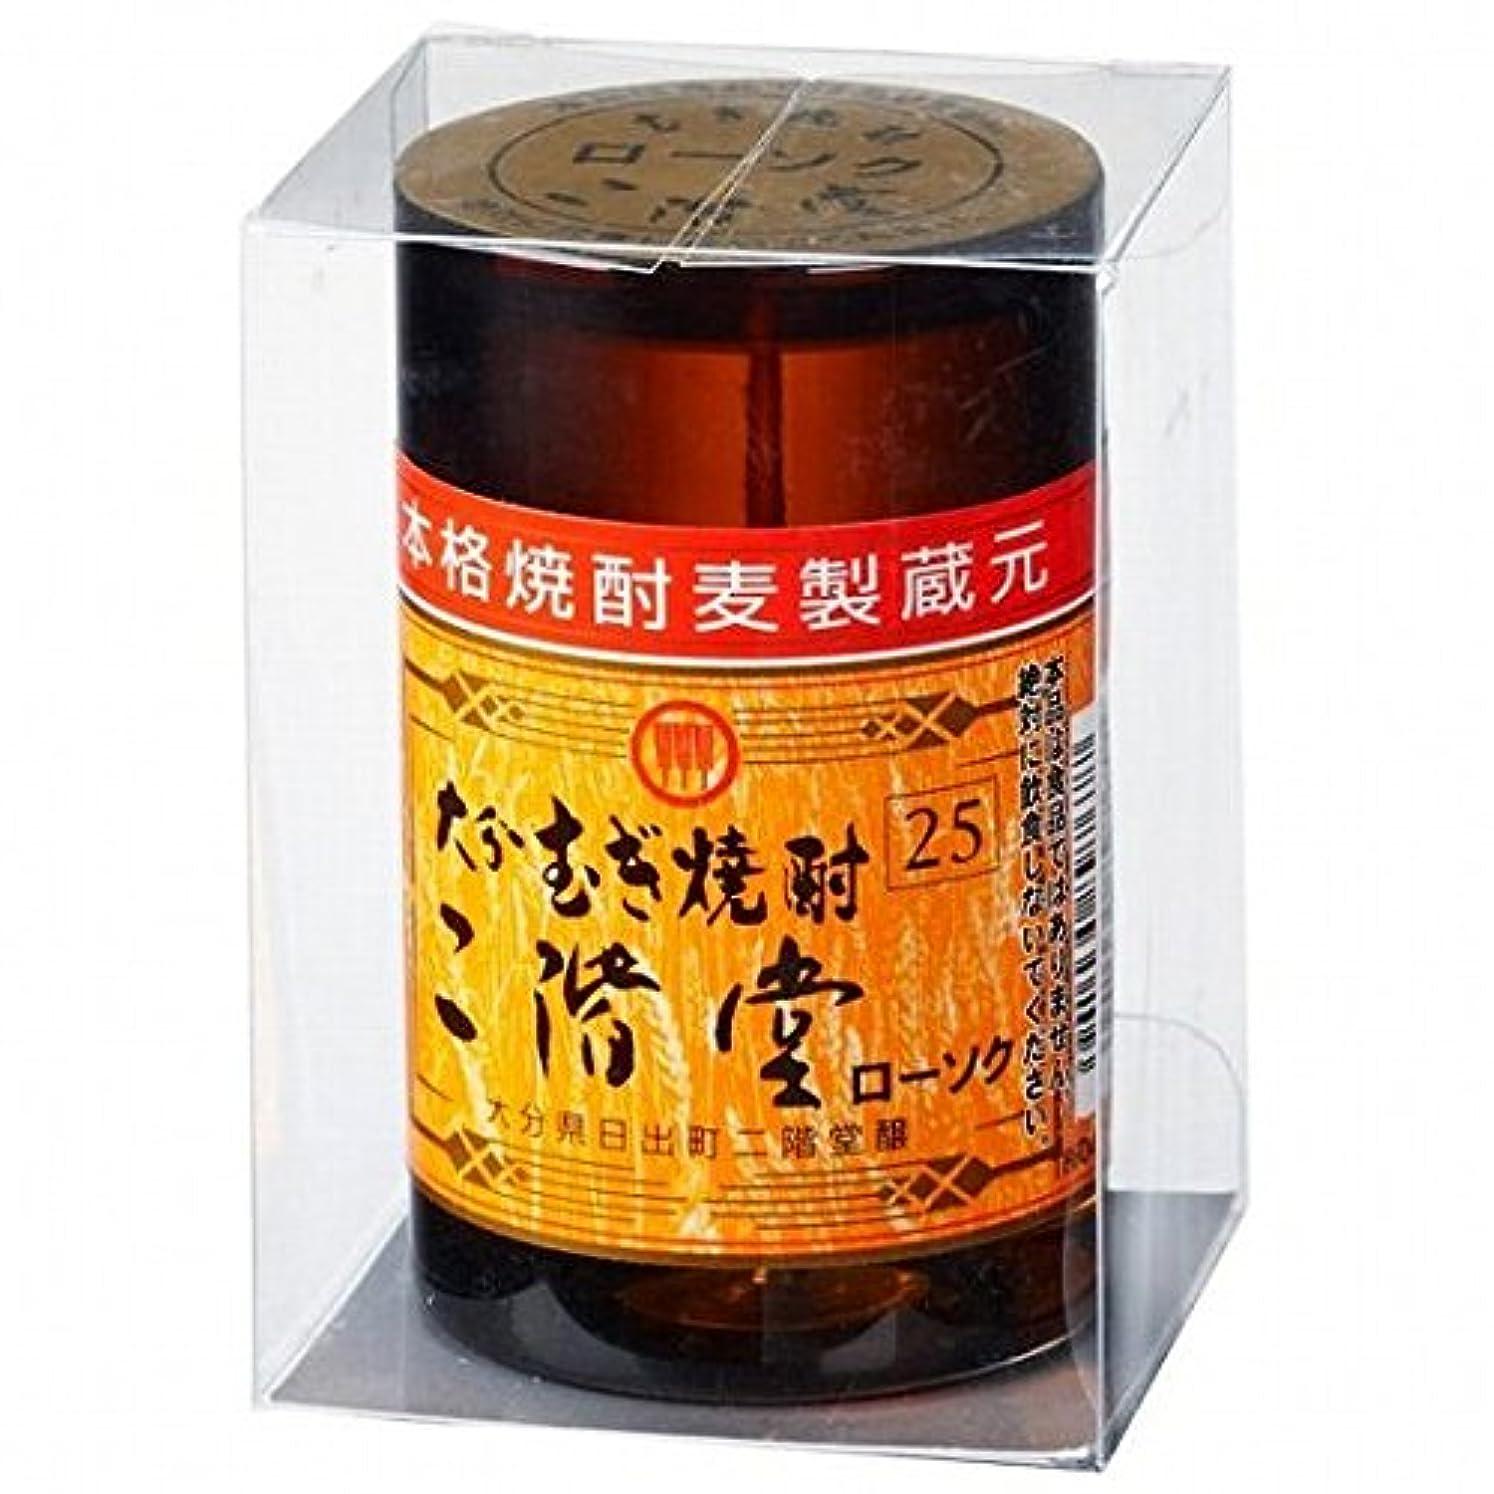 結婚完全に乾く避けられないkameyama candle(カメヤマキャンドル) 大分むぎ焼酎 二階堂ローソク キャンドル(86040000)